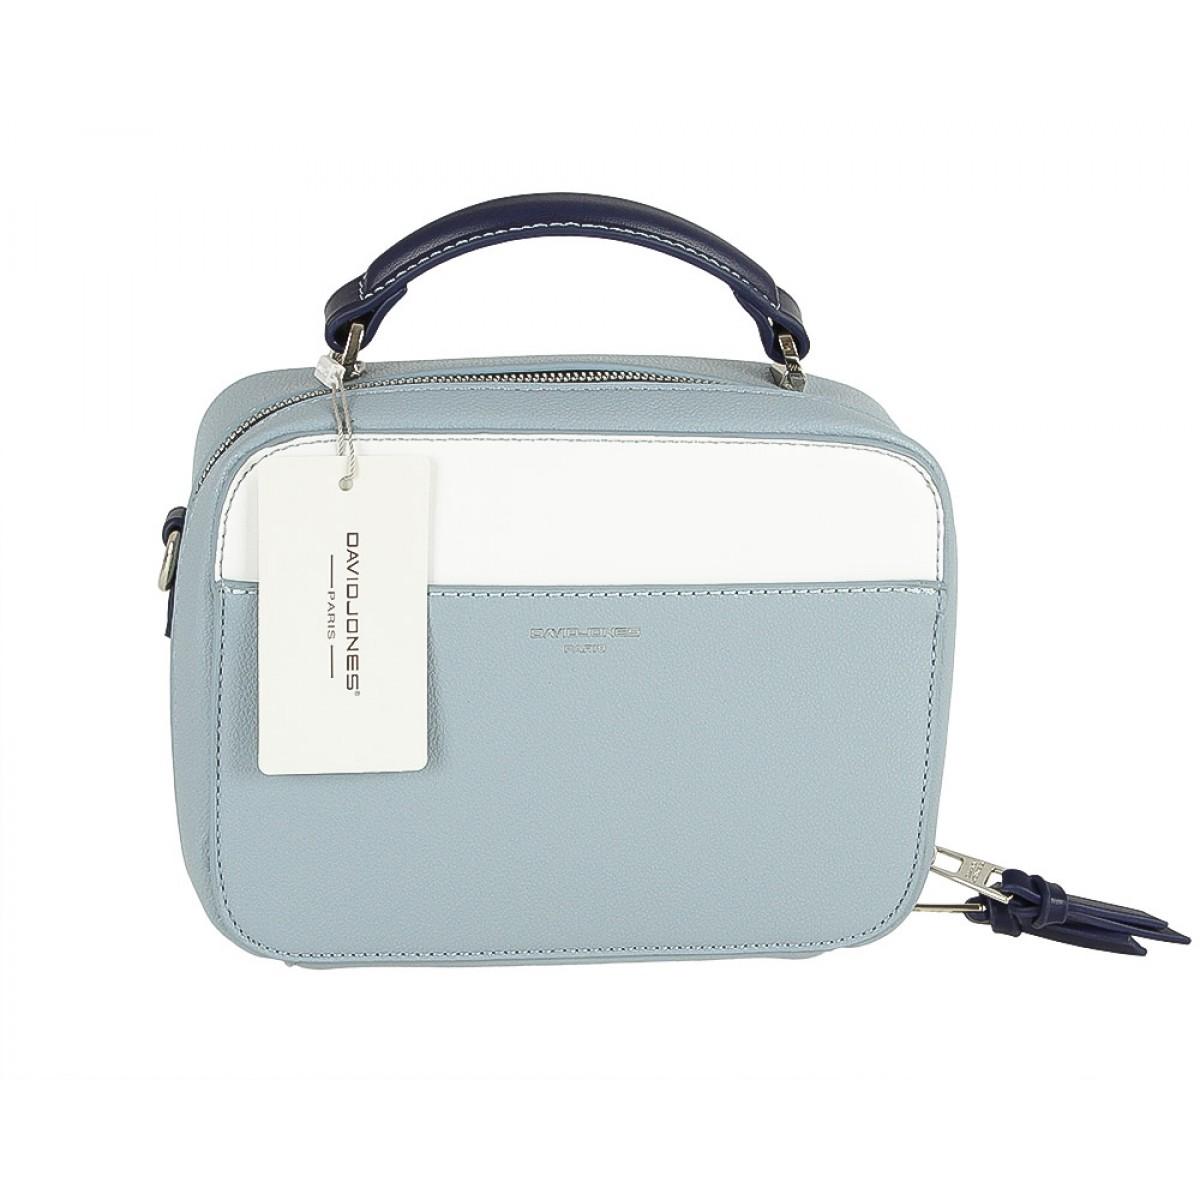 Жіноча сумка David Jones 5916-2 L.BLUE